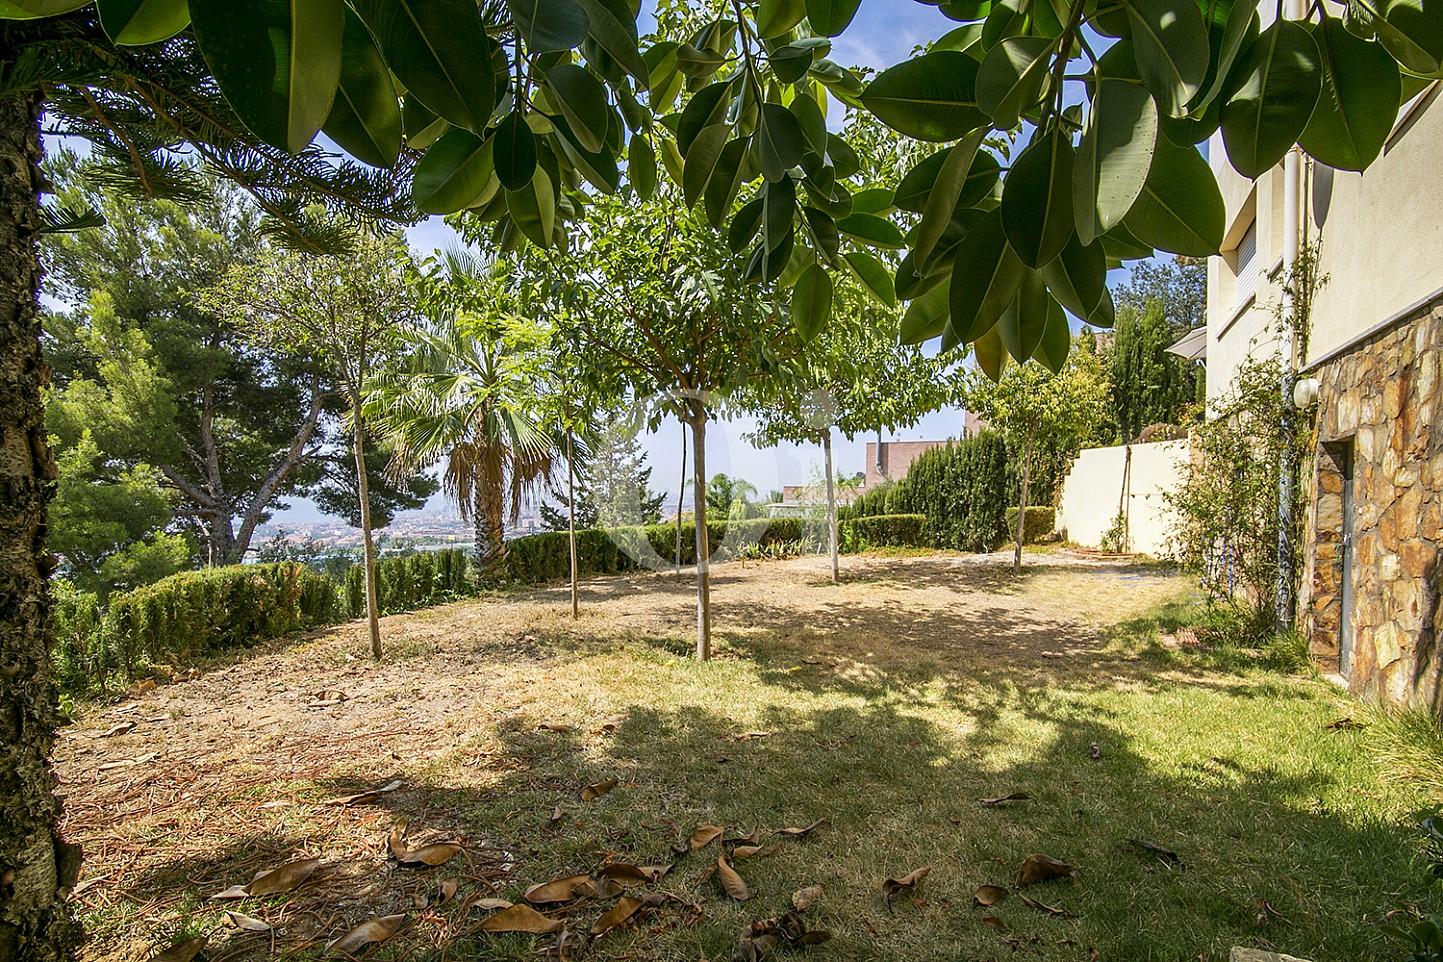 Зеленый сад эксклюзивного жилья на Mas Ram в Бадалоне